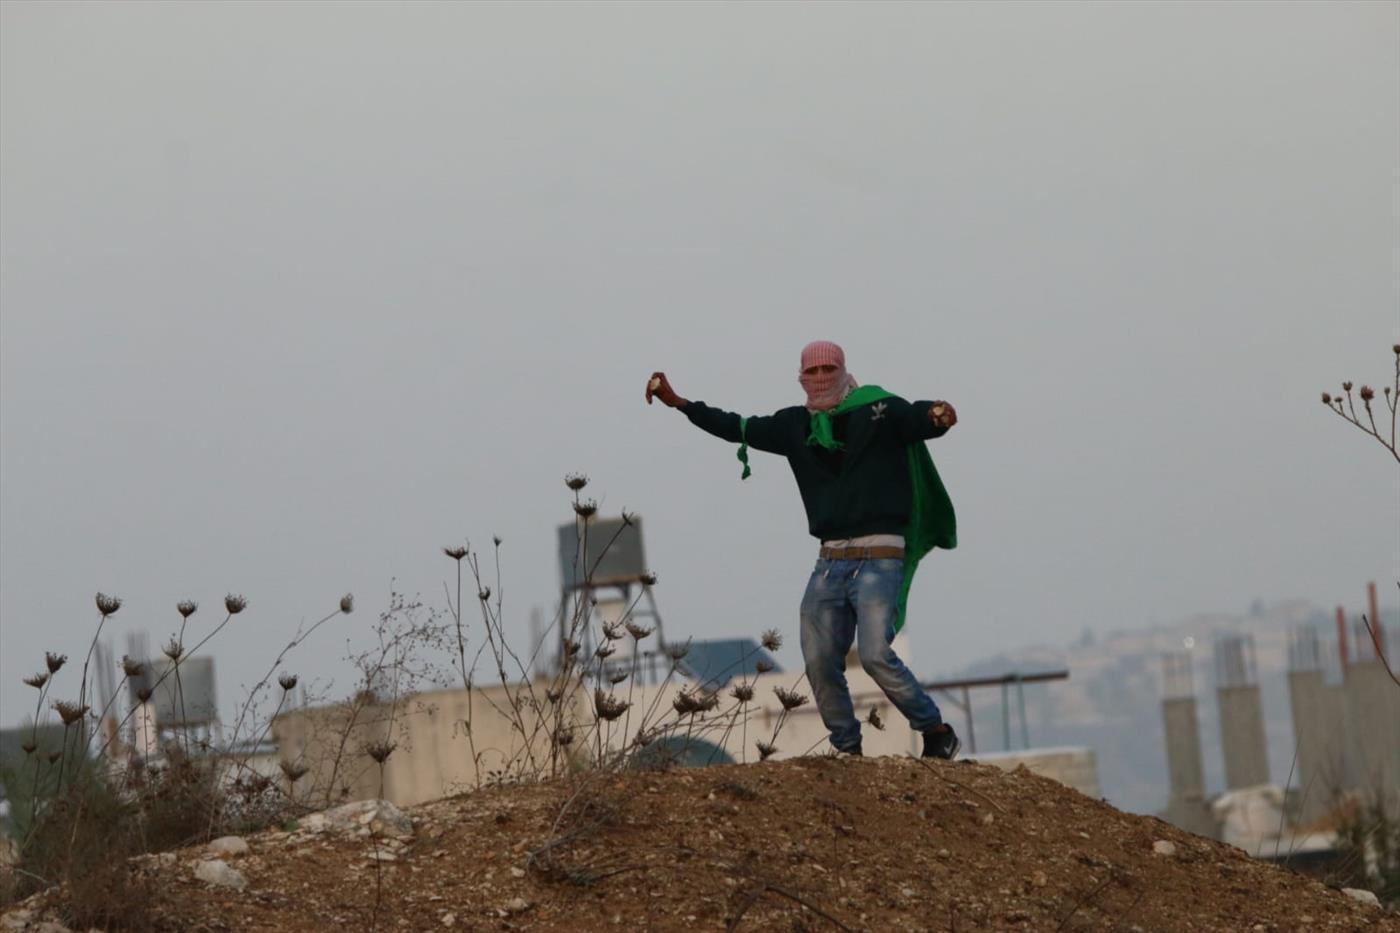 טרור האבנים: תיקי טרור נסגרים ללא חקירה